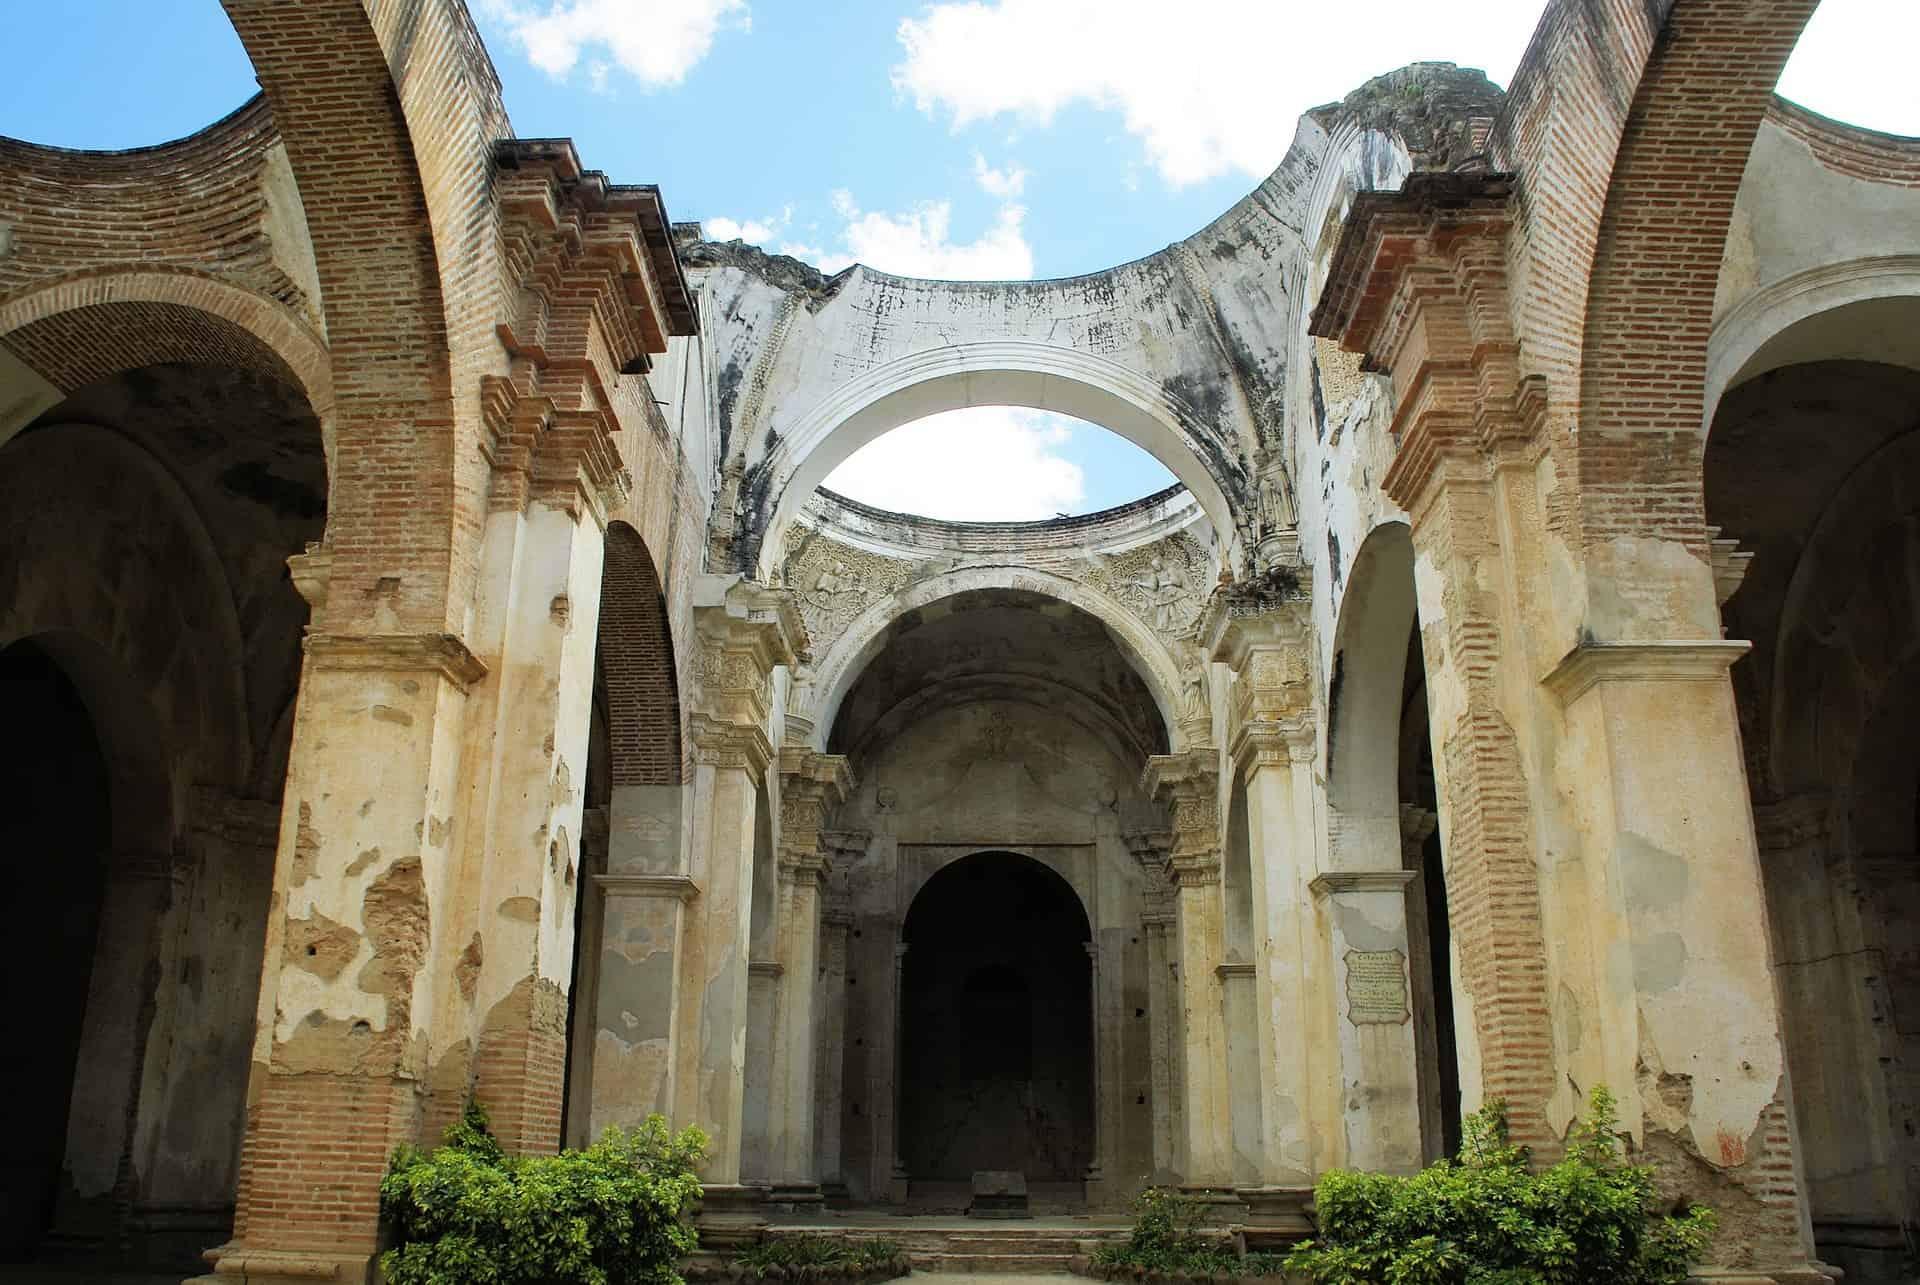 guatemala reizen antigua ruine